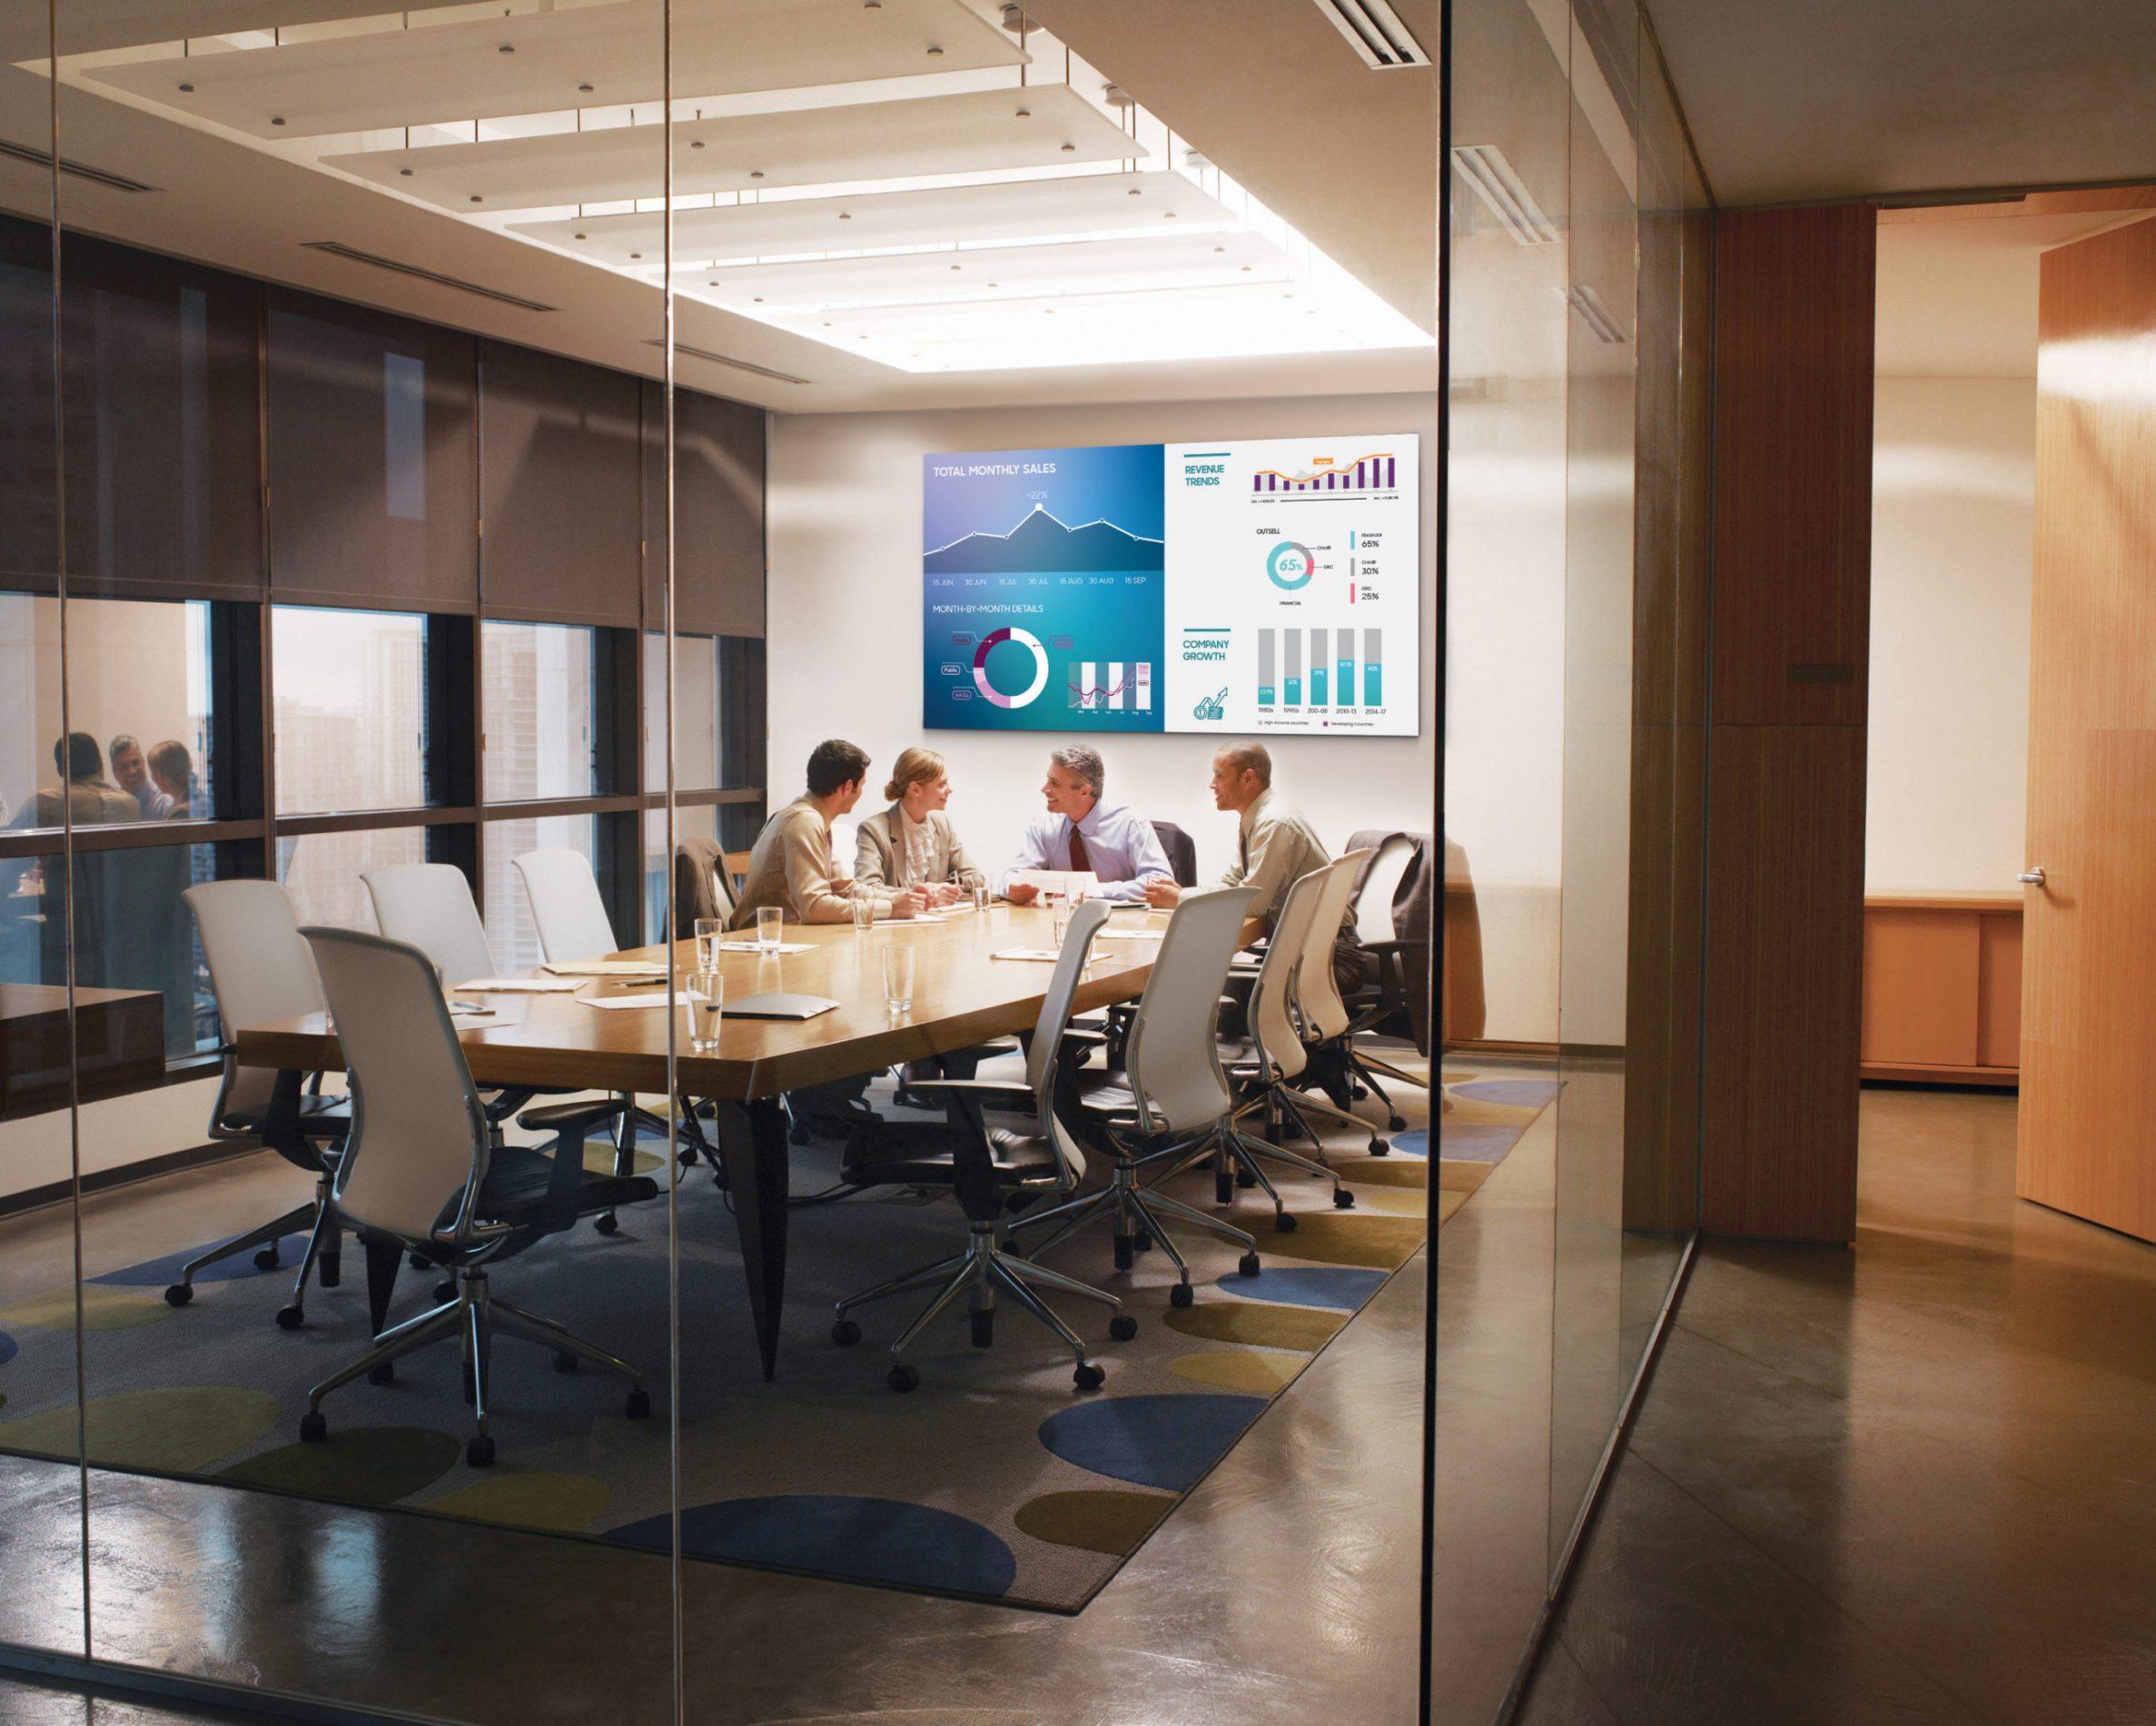 VIDELIO x Samsung 4 personnes en train de collaborer dans une salle de réunion où il y a une écran de la la Gamme Smart Signage